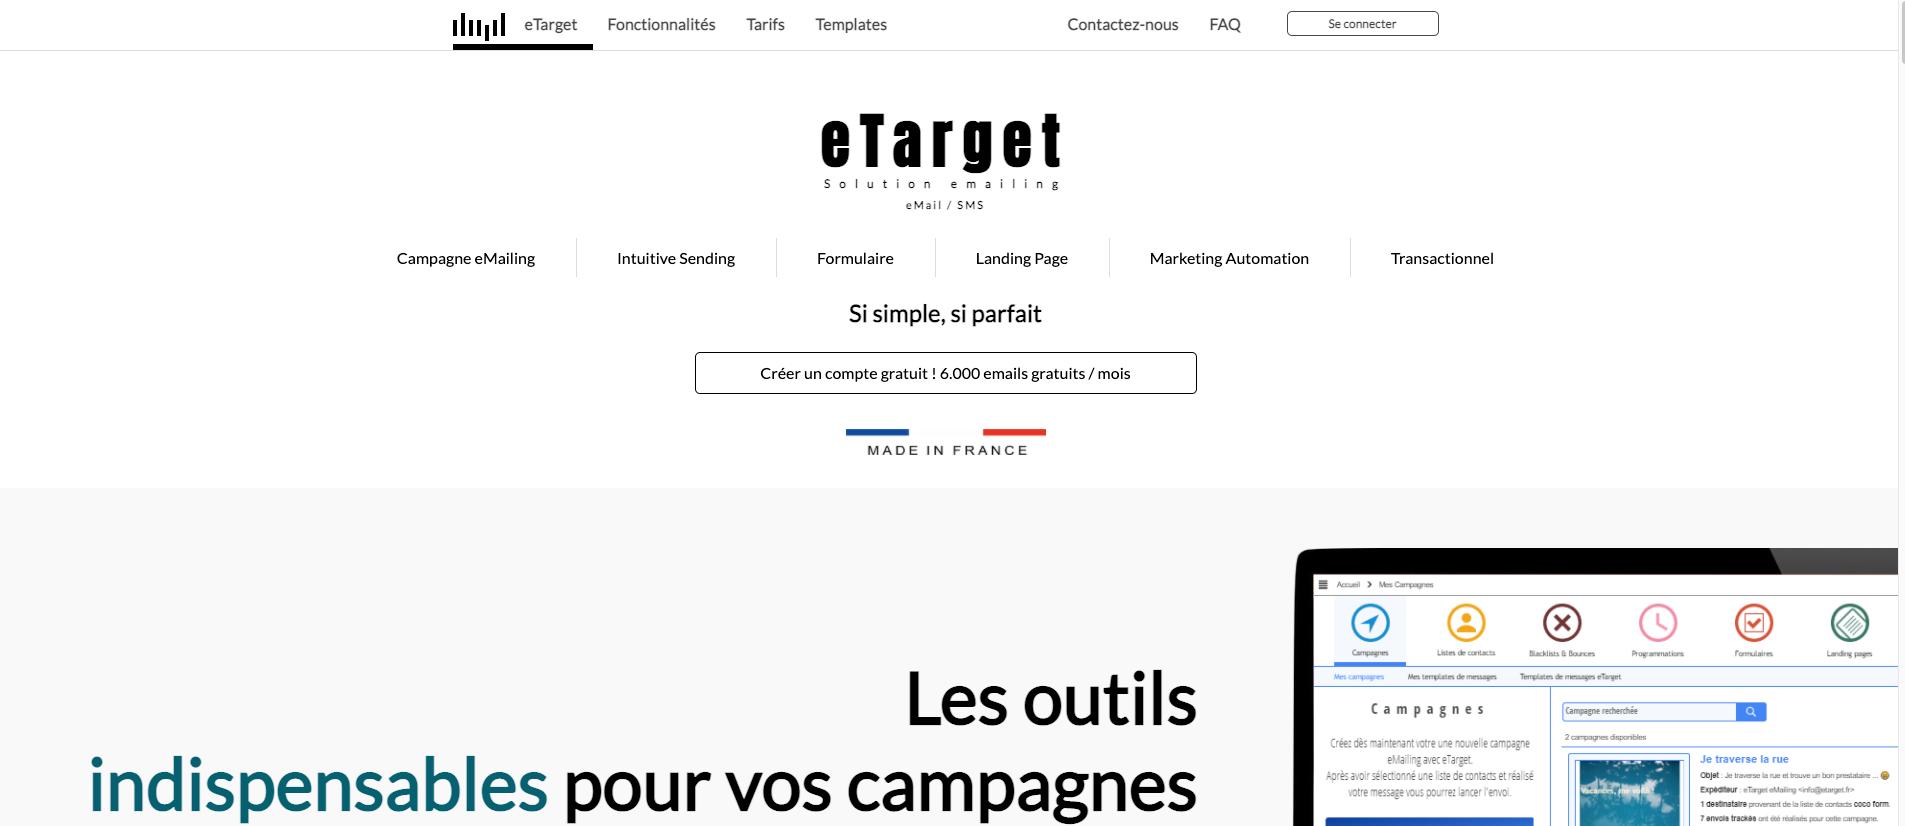 E target